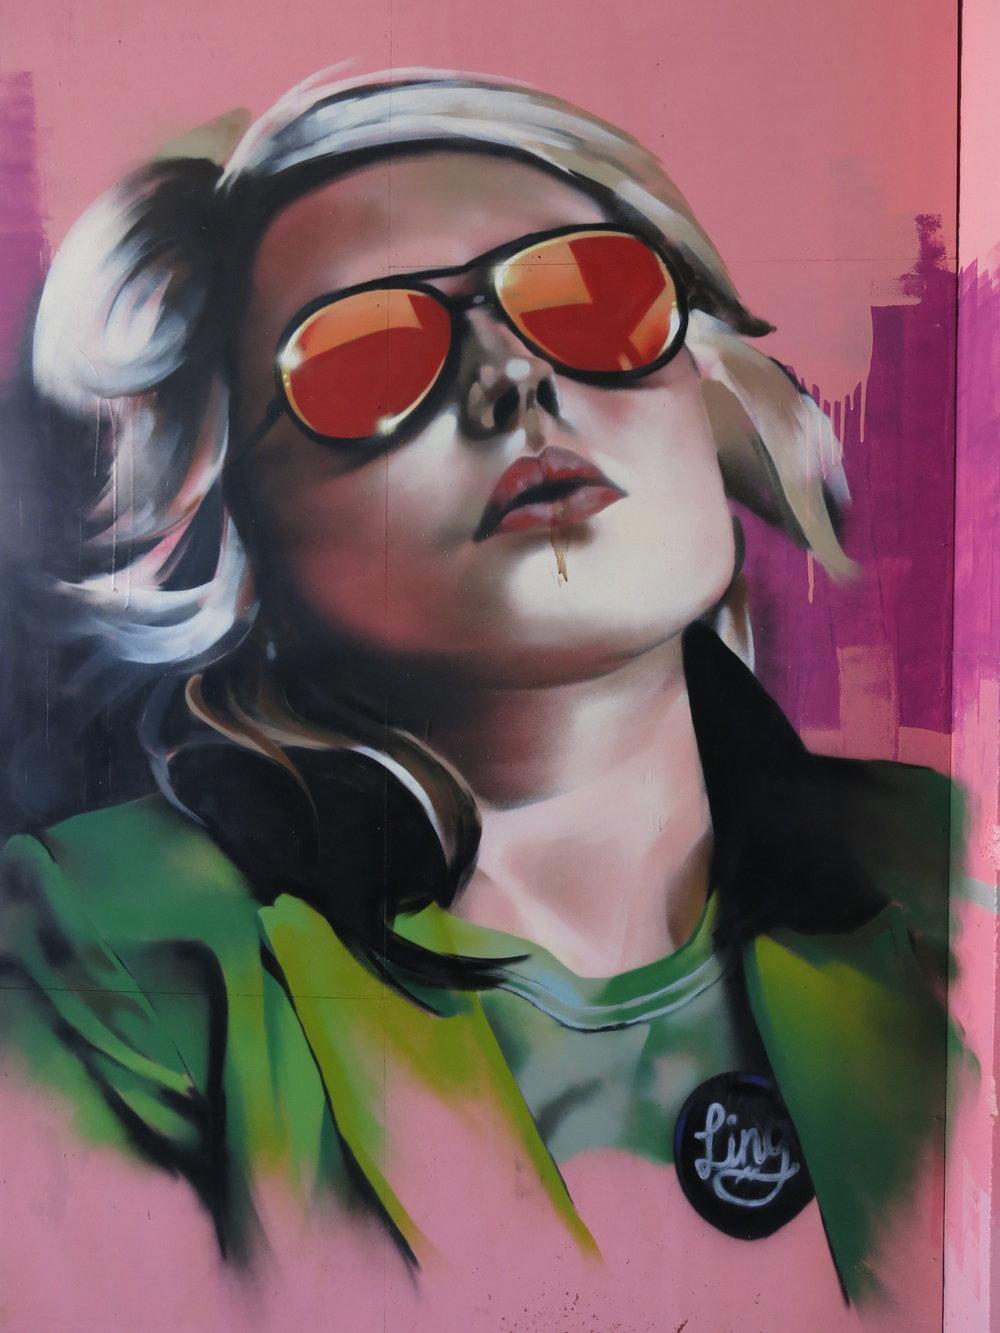 Blondie by Ling